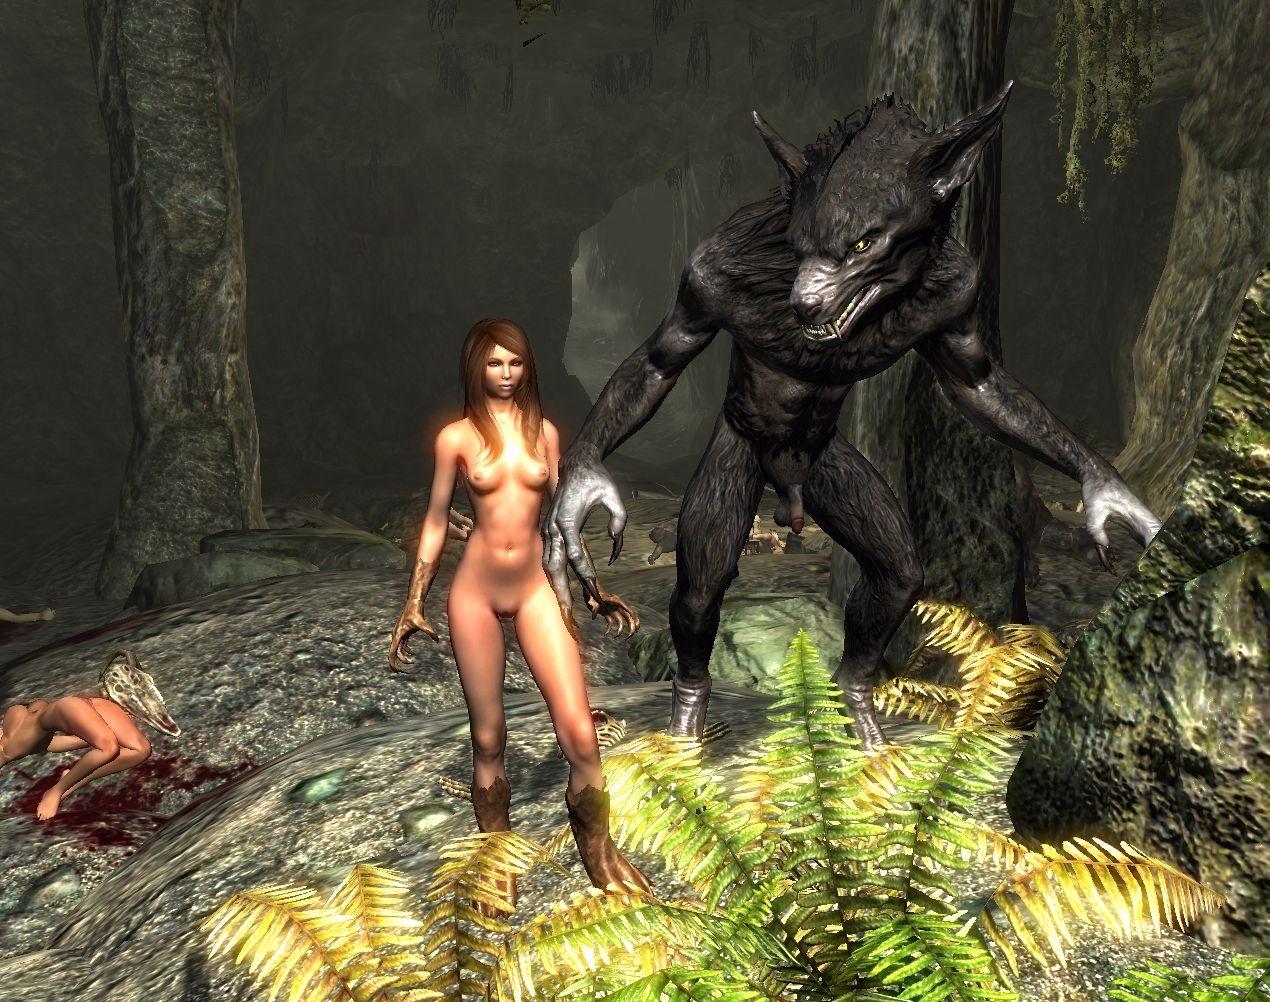 The elder scrolls v skyrim мод секс